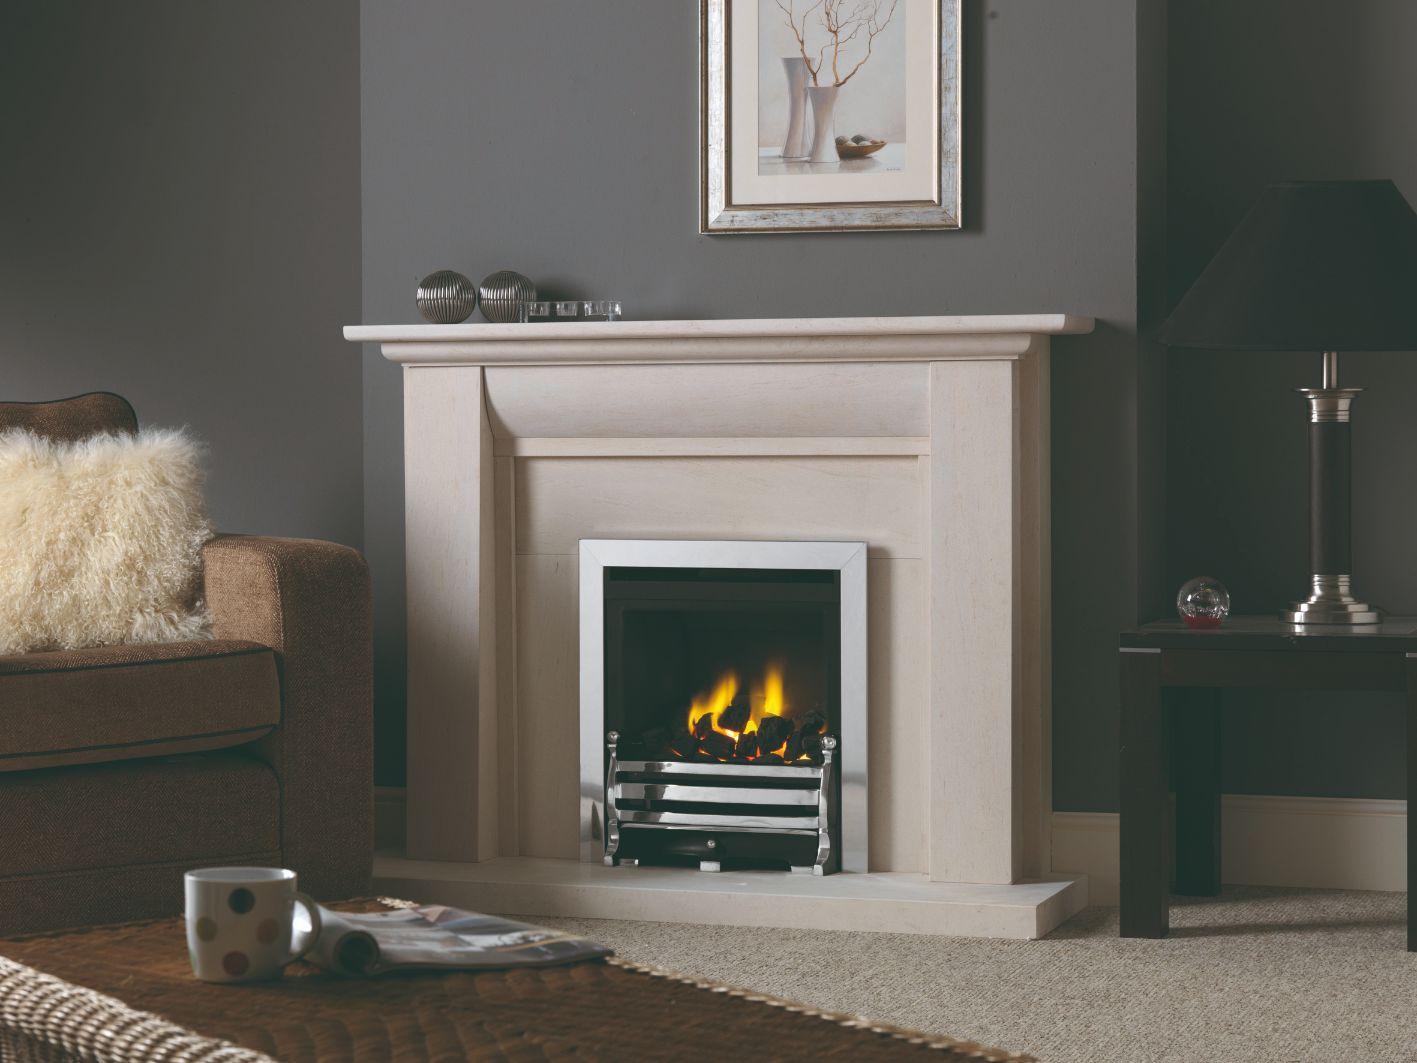 Stokesay Limestone Fireplace Surround